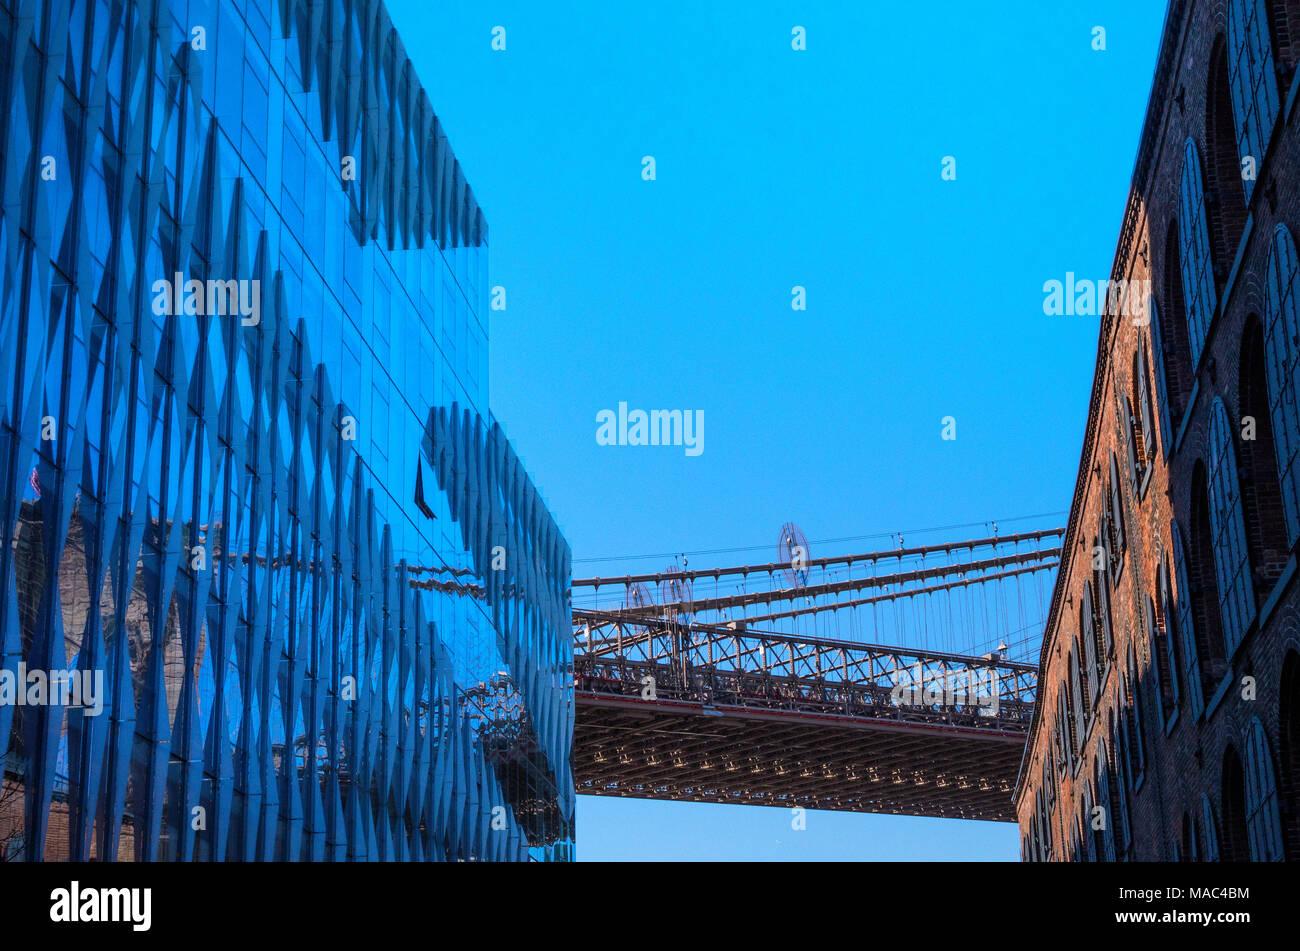 Ein design Abstraktion zeigt einen Abschnitt der Brooklyn Bridge zwischen einem alten Lagergebäude aus dem 19. Jahrhundert und ein ultra modernes Gebäude Stockbild